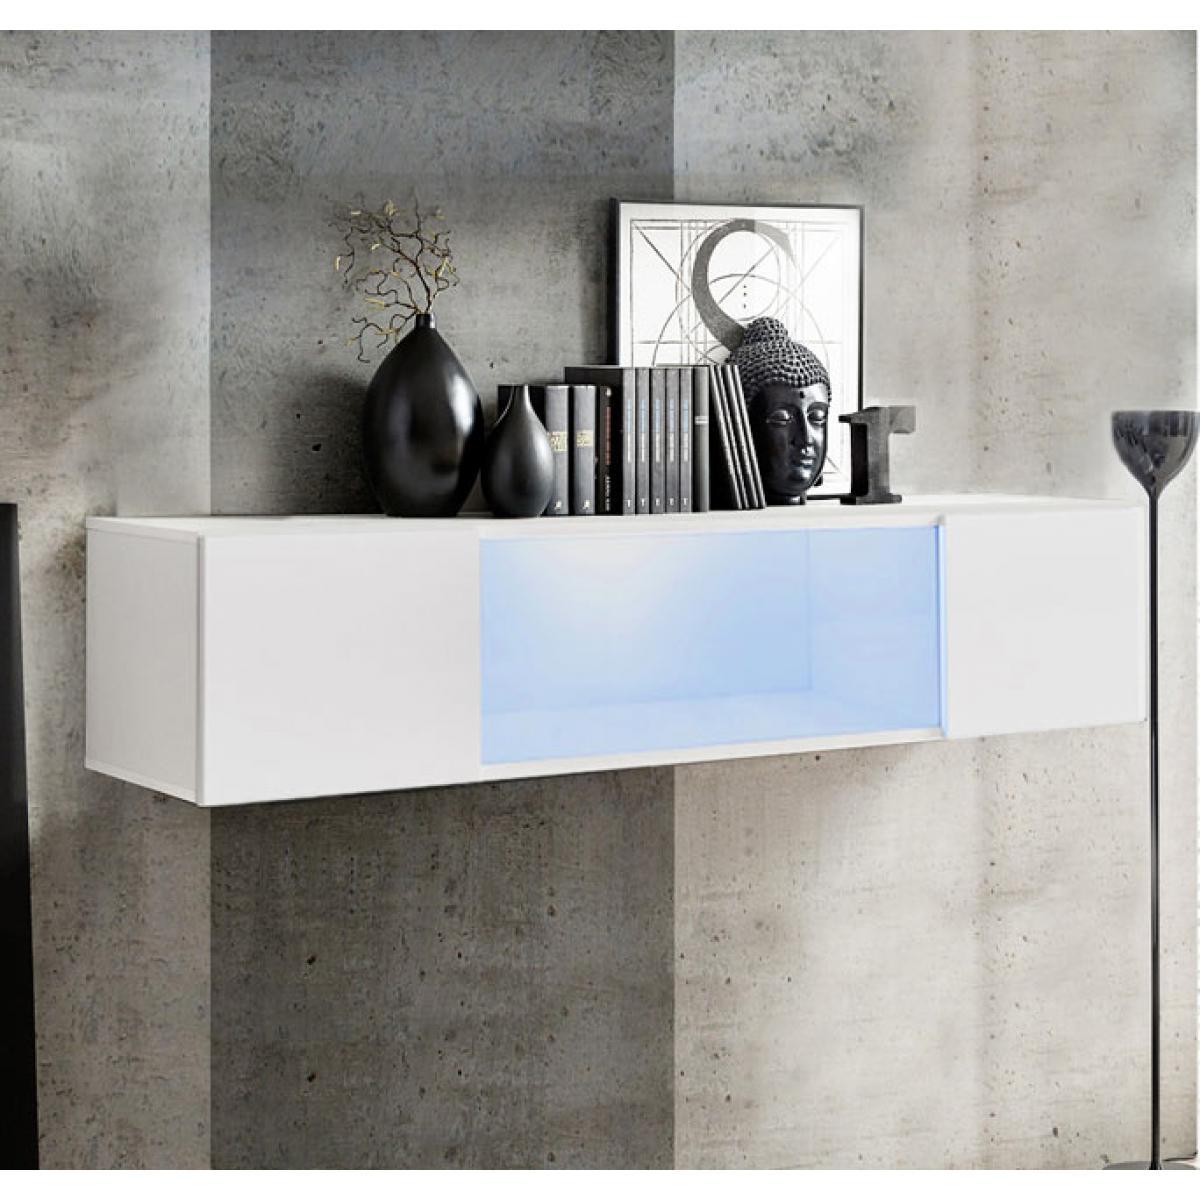 Design Ameublement Armoire murale modèle Krista H160CC (160x30cm) blanc